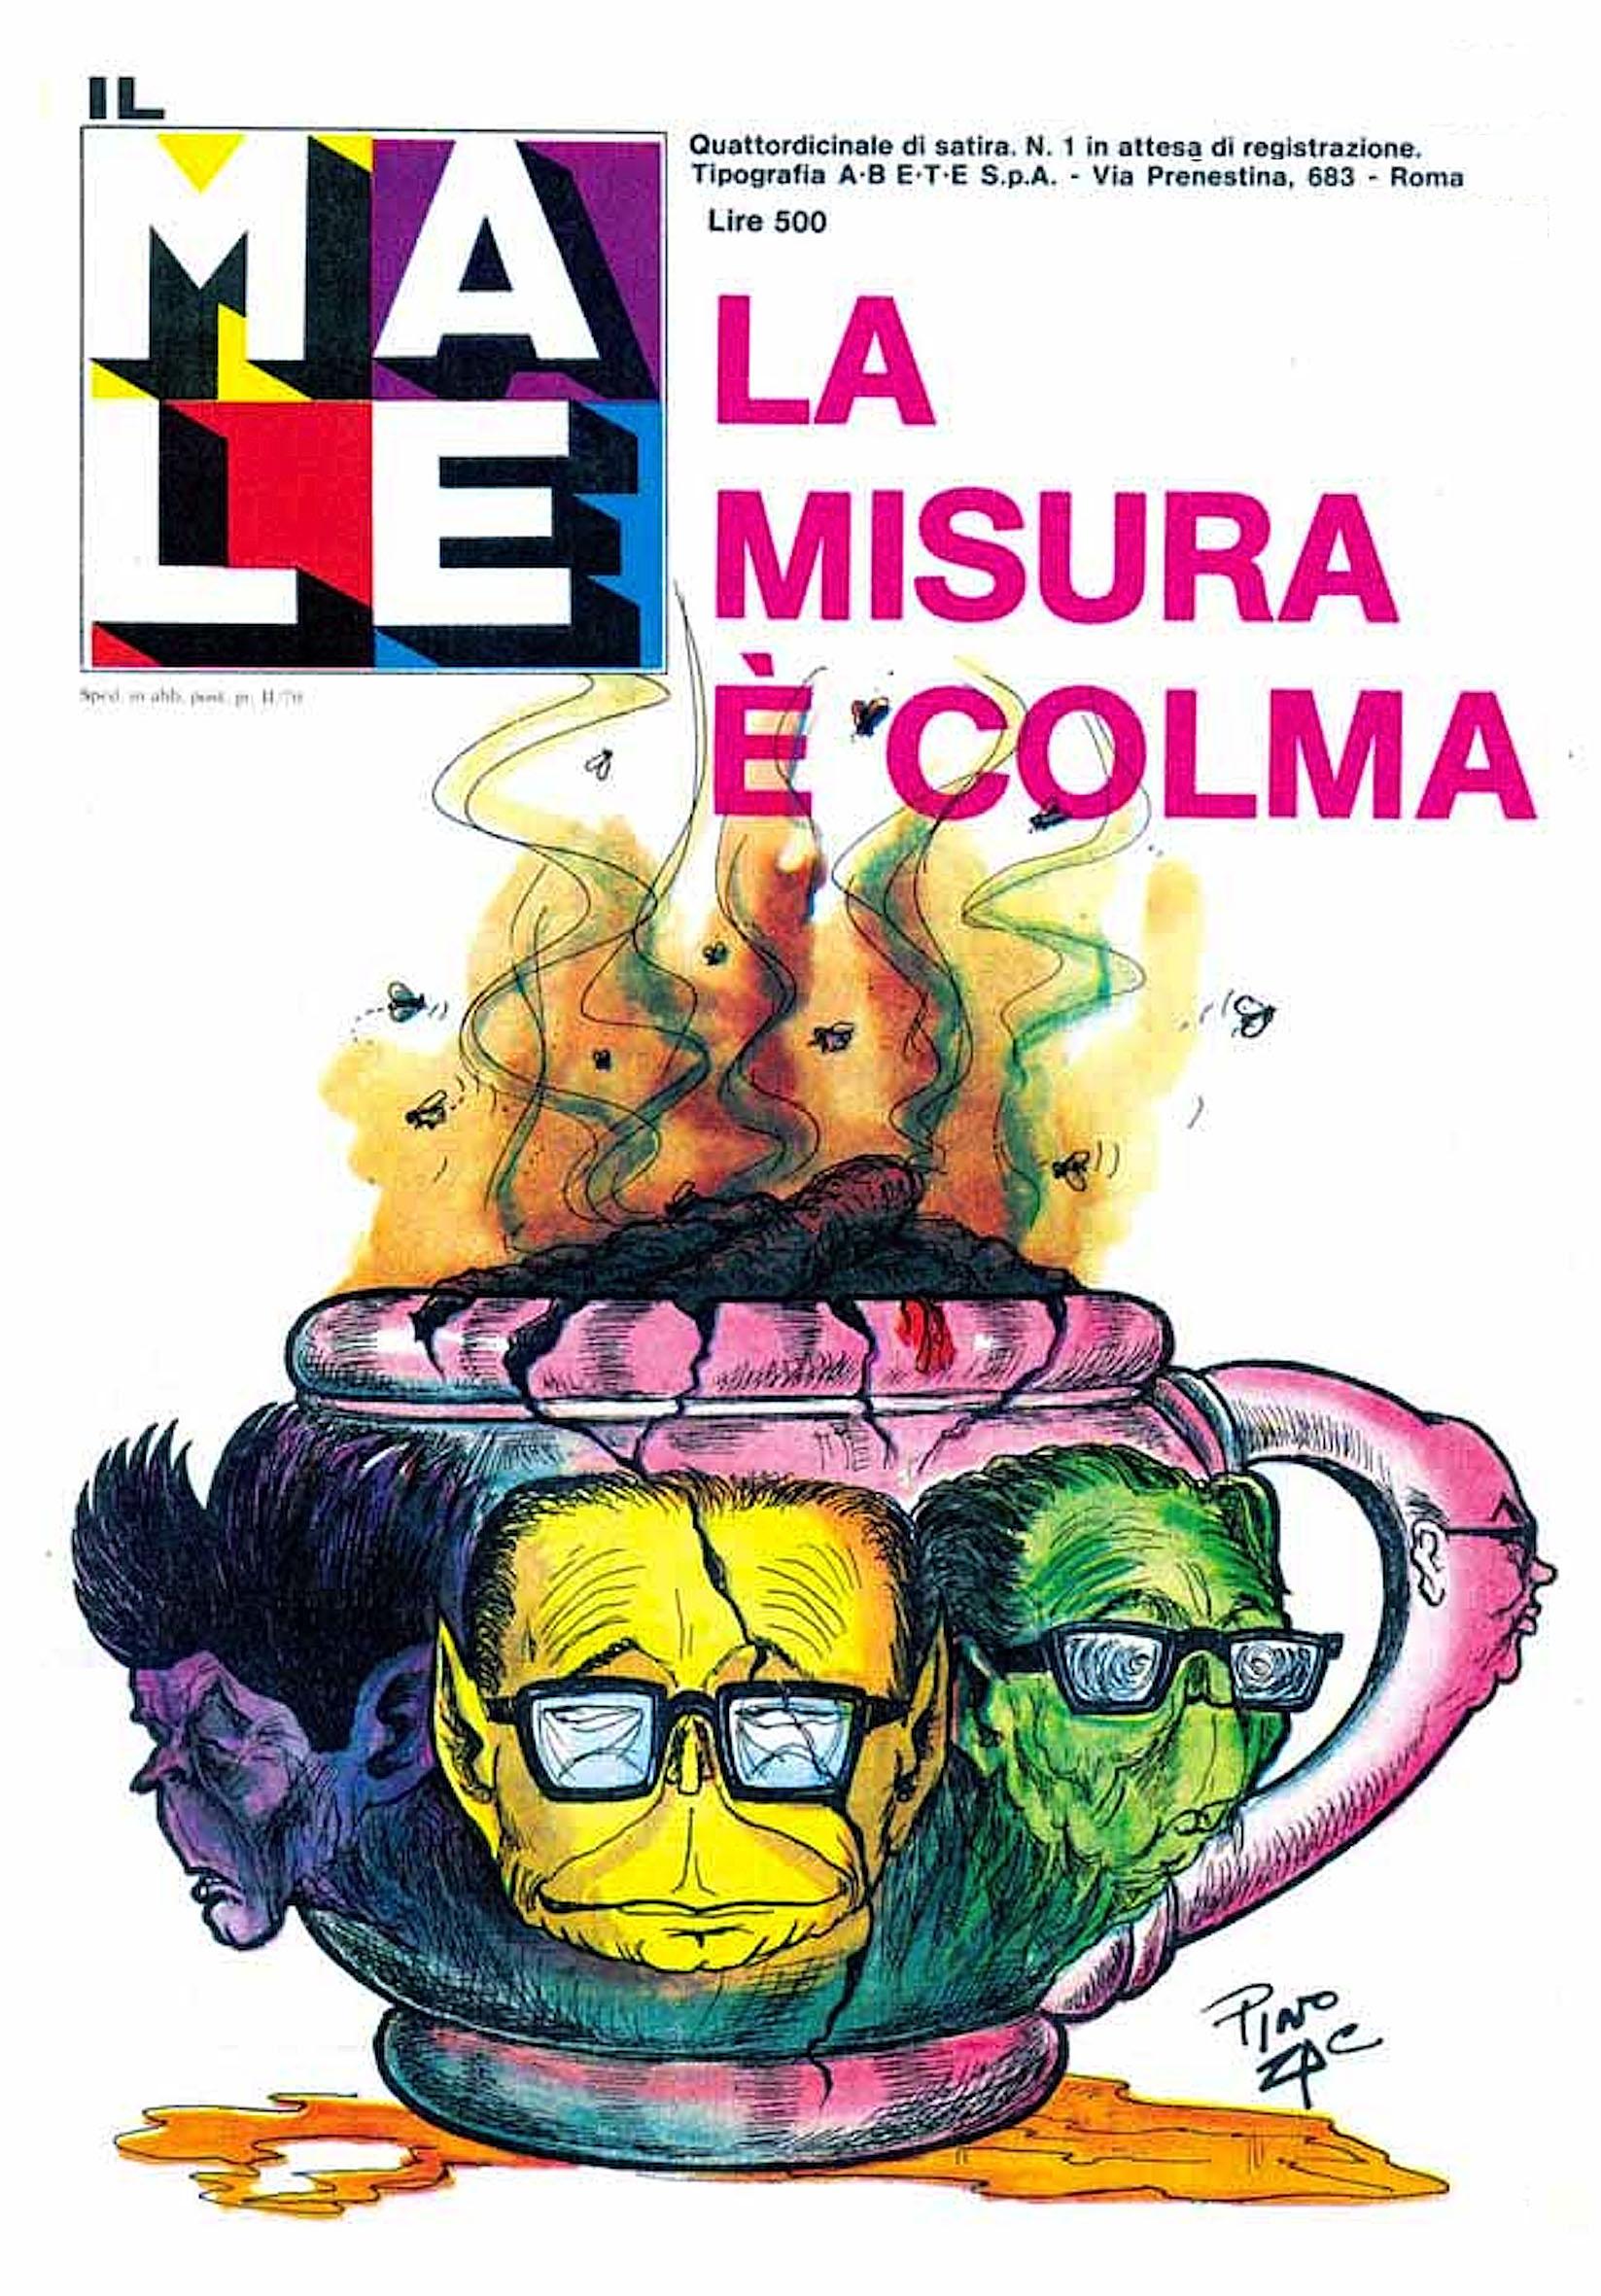 Dall'8 aprile al 14 maggio, al museo PAN – Palazzo delle Arti di Napoli, NapoliCOMICONpresenta'77 Anno Cannibale, mostra gratuita che celebra il40° anniversario di quello che è stato definitoanno della [...]